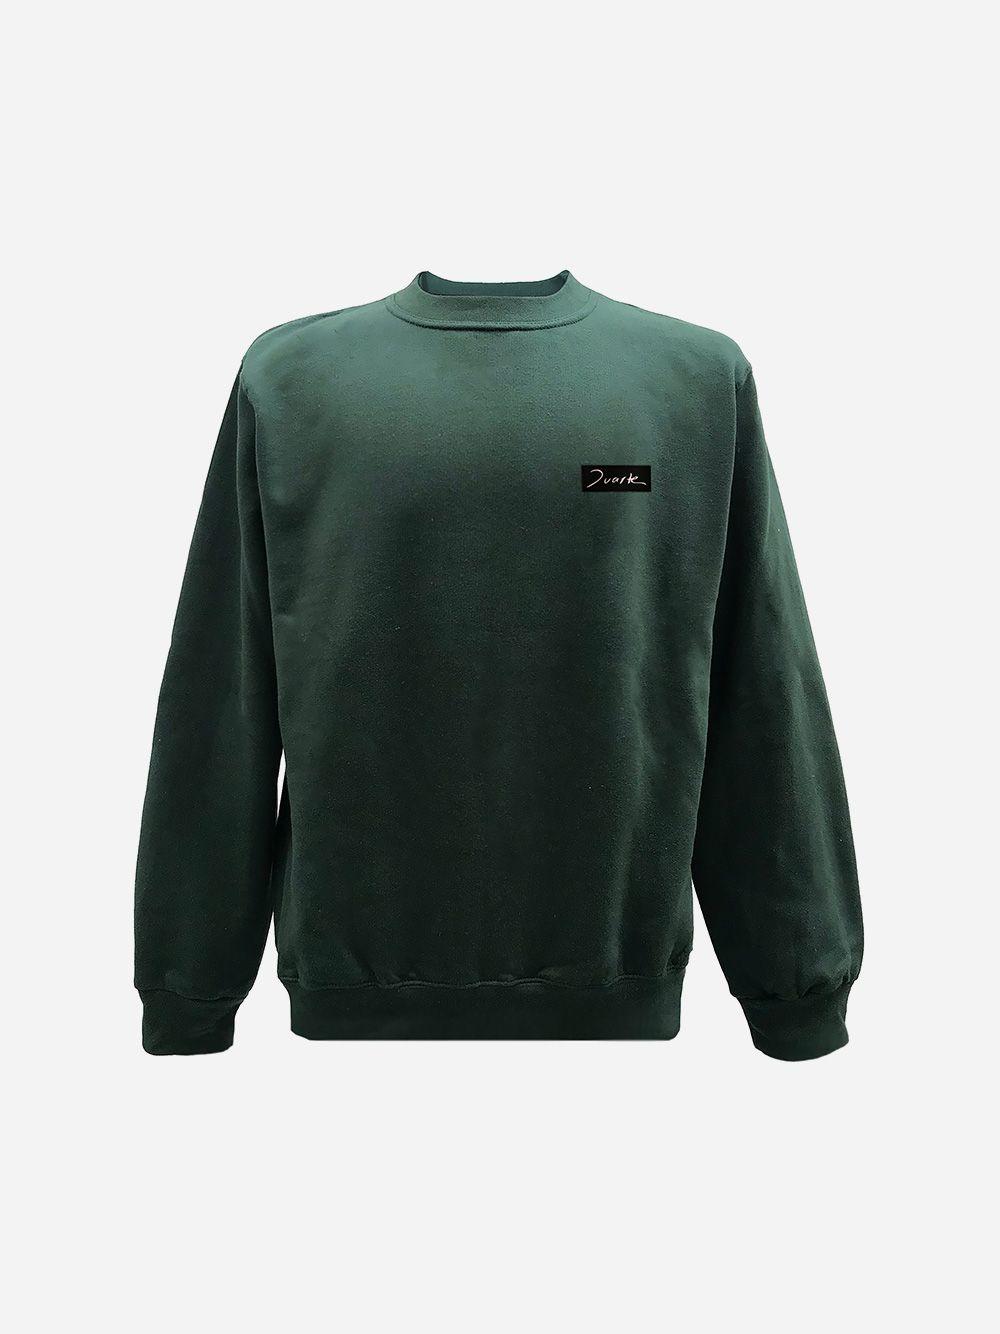 Sweatshirt Verde | Duarte